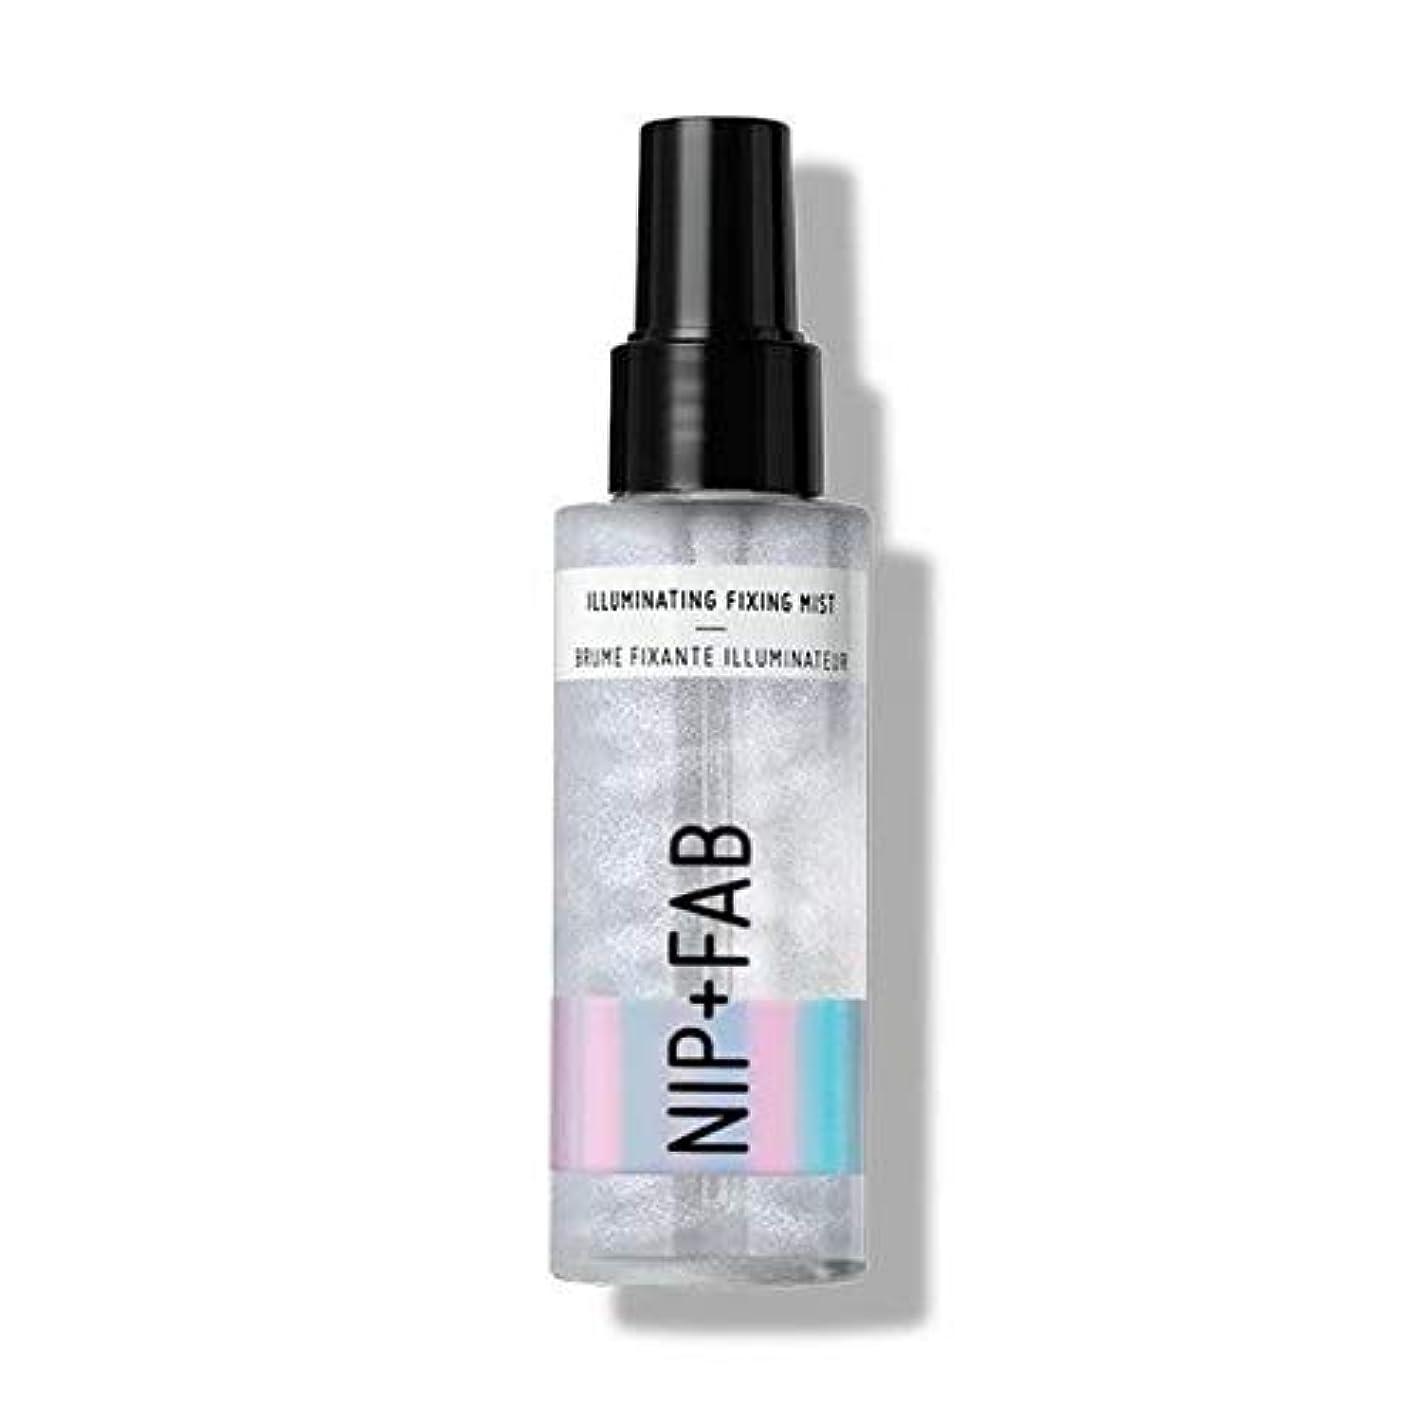 形成プロット苦痛[Nip & Fab ] 固定ミスト100ミリリットルを照らす作るFab +ニップ - Nip+Fab Make Up Illuminating Fixing Mist 100ml [並行輸入品]